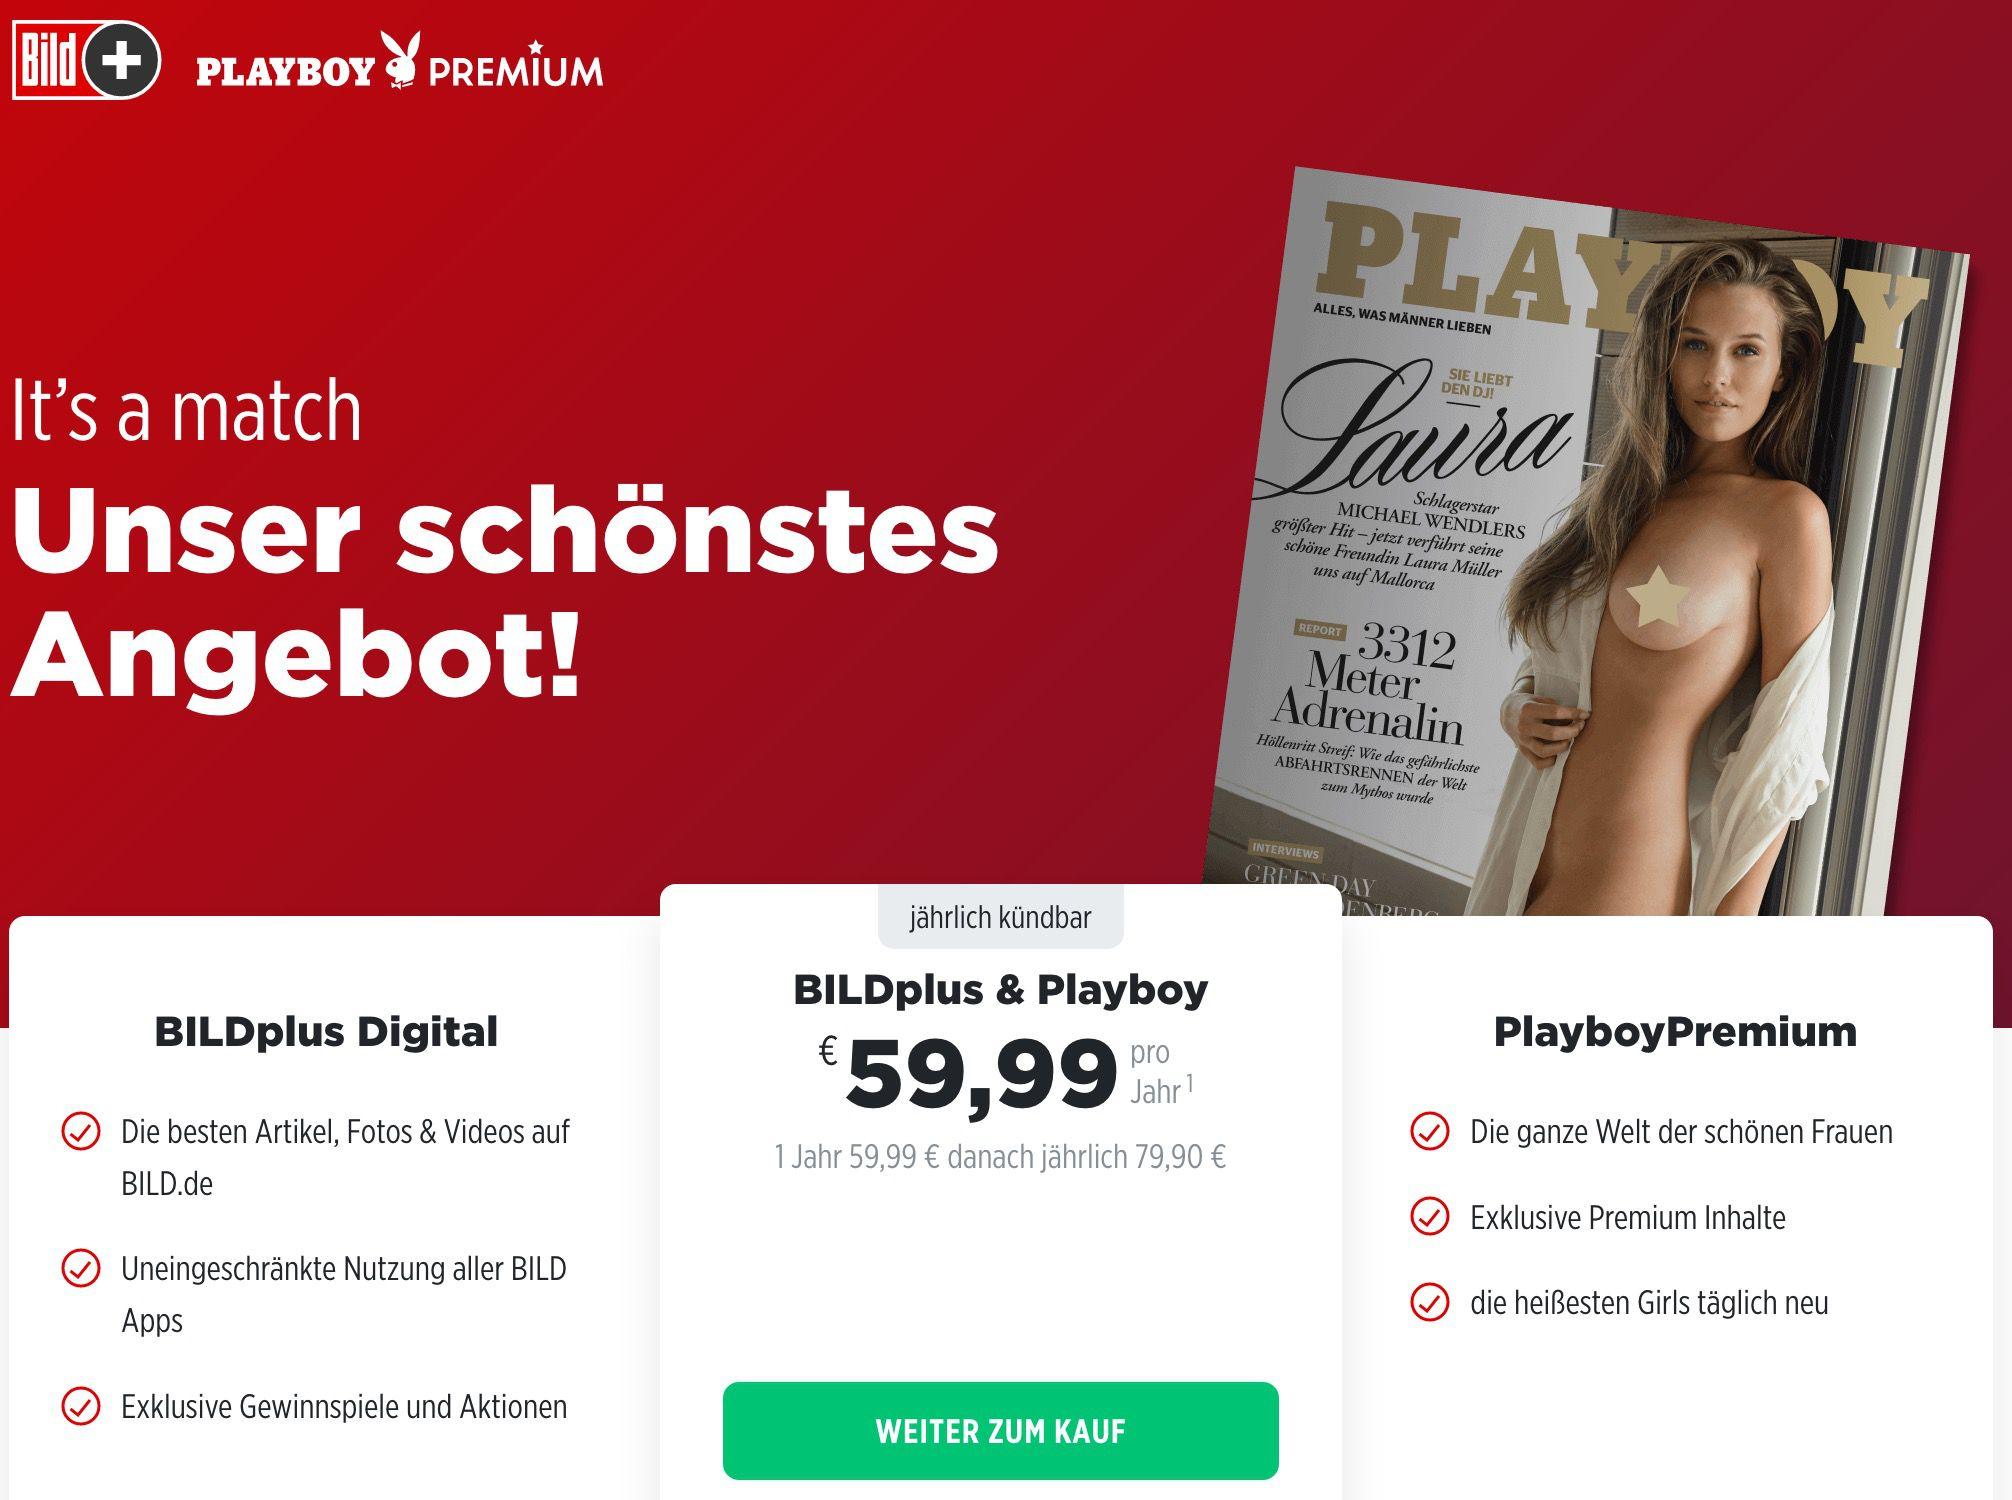 TOP! 1 Jahr BILDplus Digital & PlayboyPremium nur 59,99€ (statt 220€)